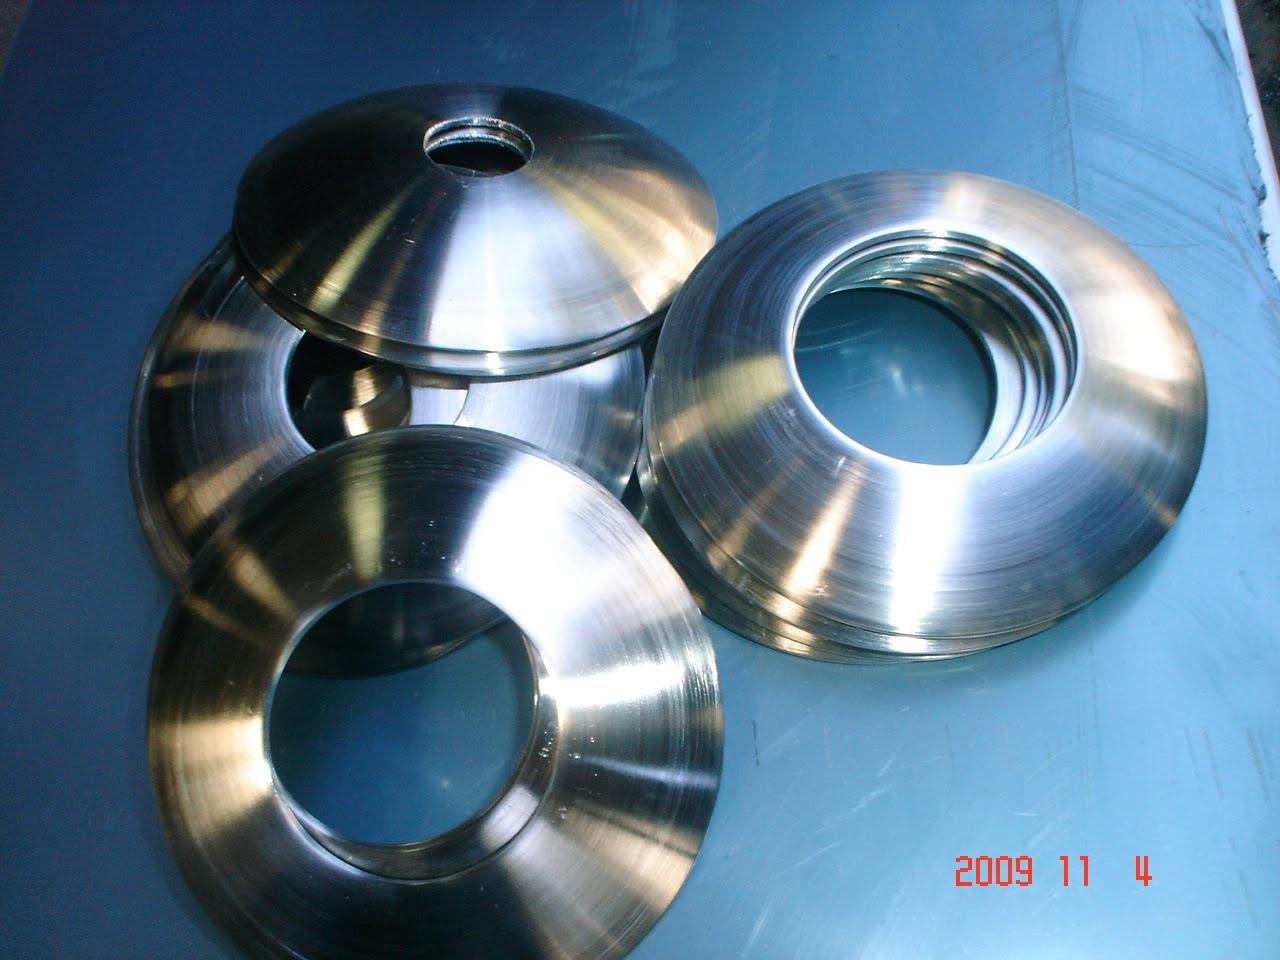 Fabricacion de maquinas y muebles de acero inoxidable - Tubos acero inoxidable ...